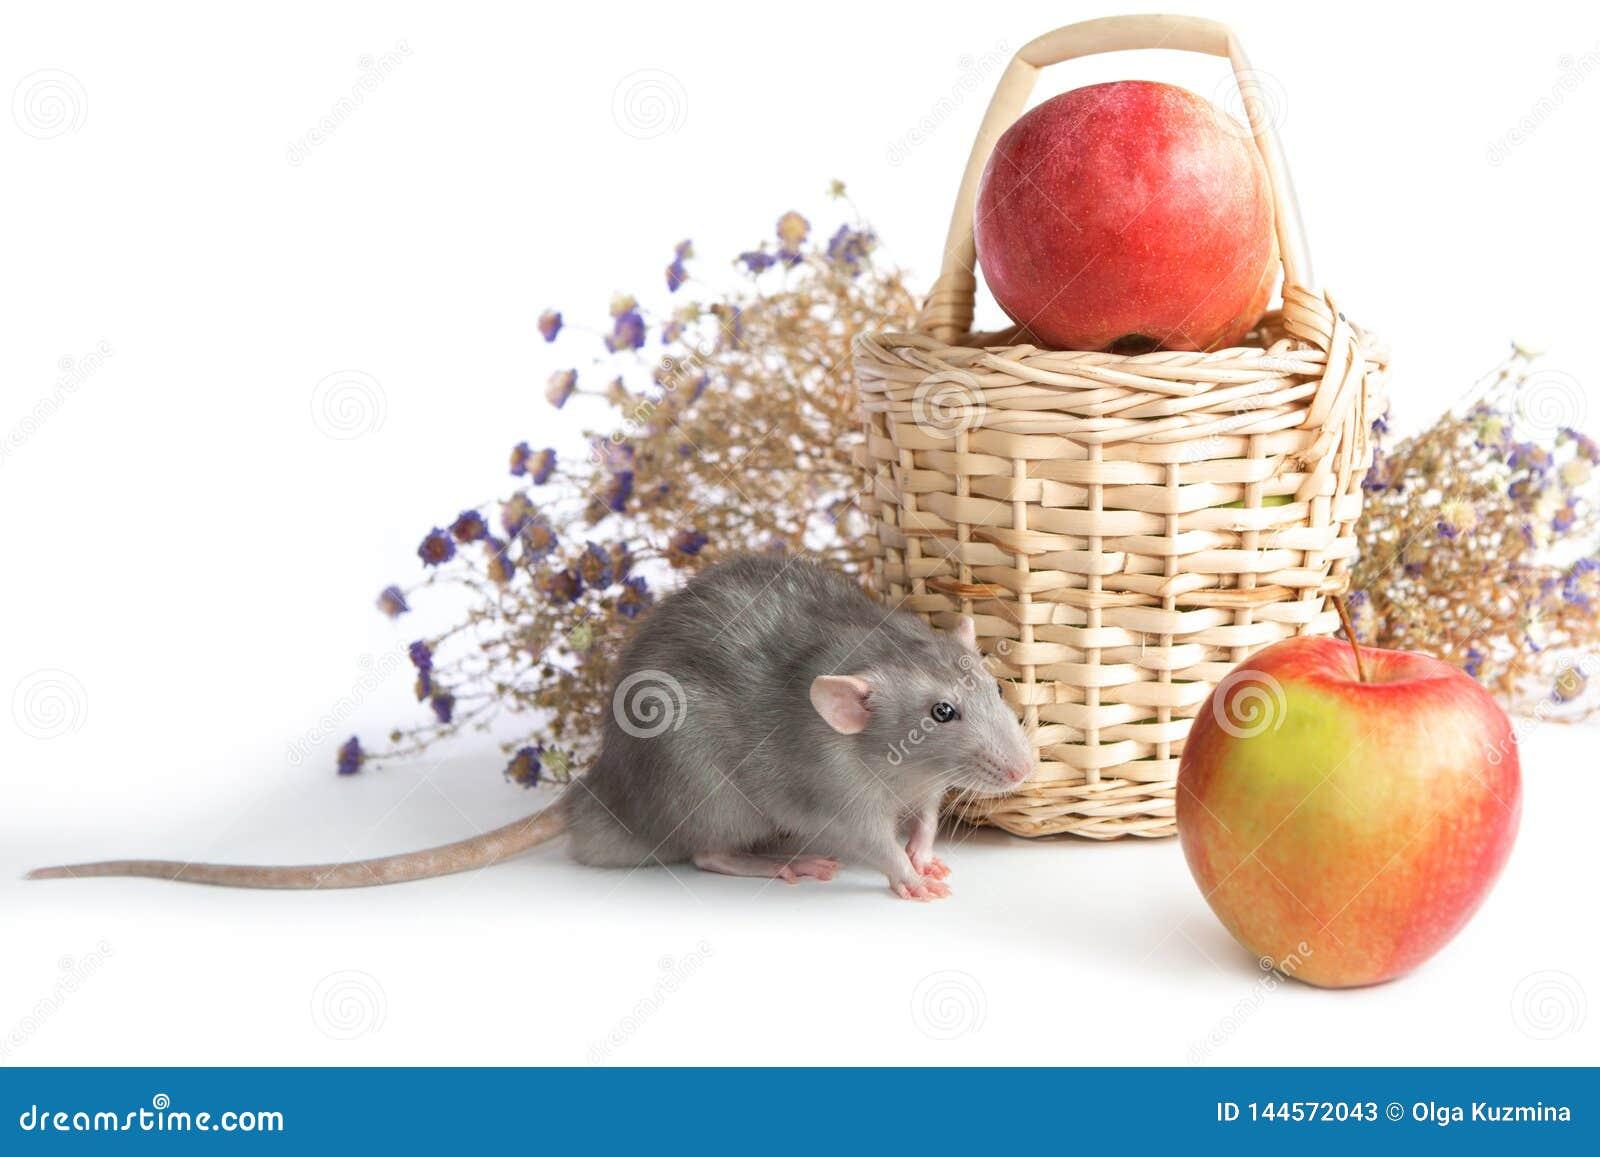 Декоративная крыса dumbo рядом с цветками хризантемы на белой изолированной предпосылке Серая мышь, любимец